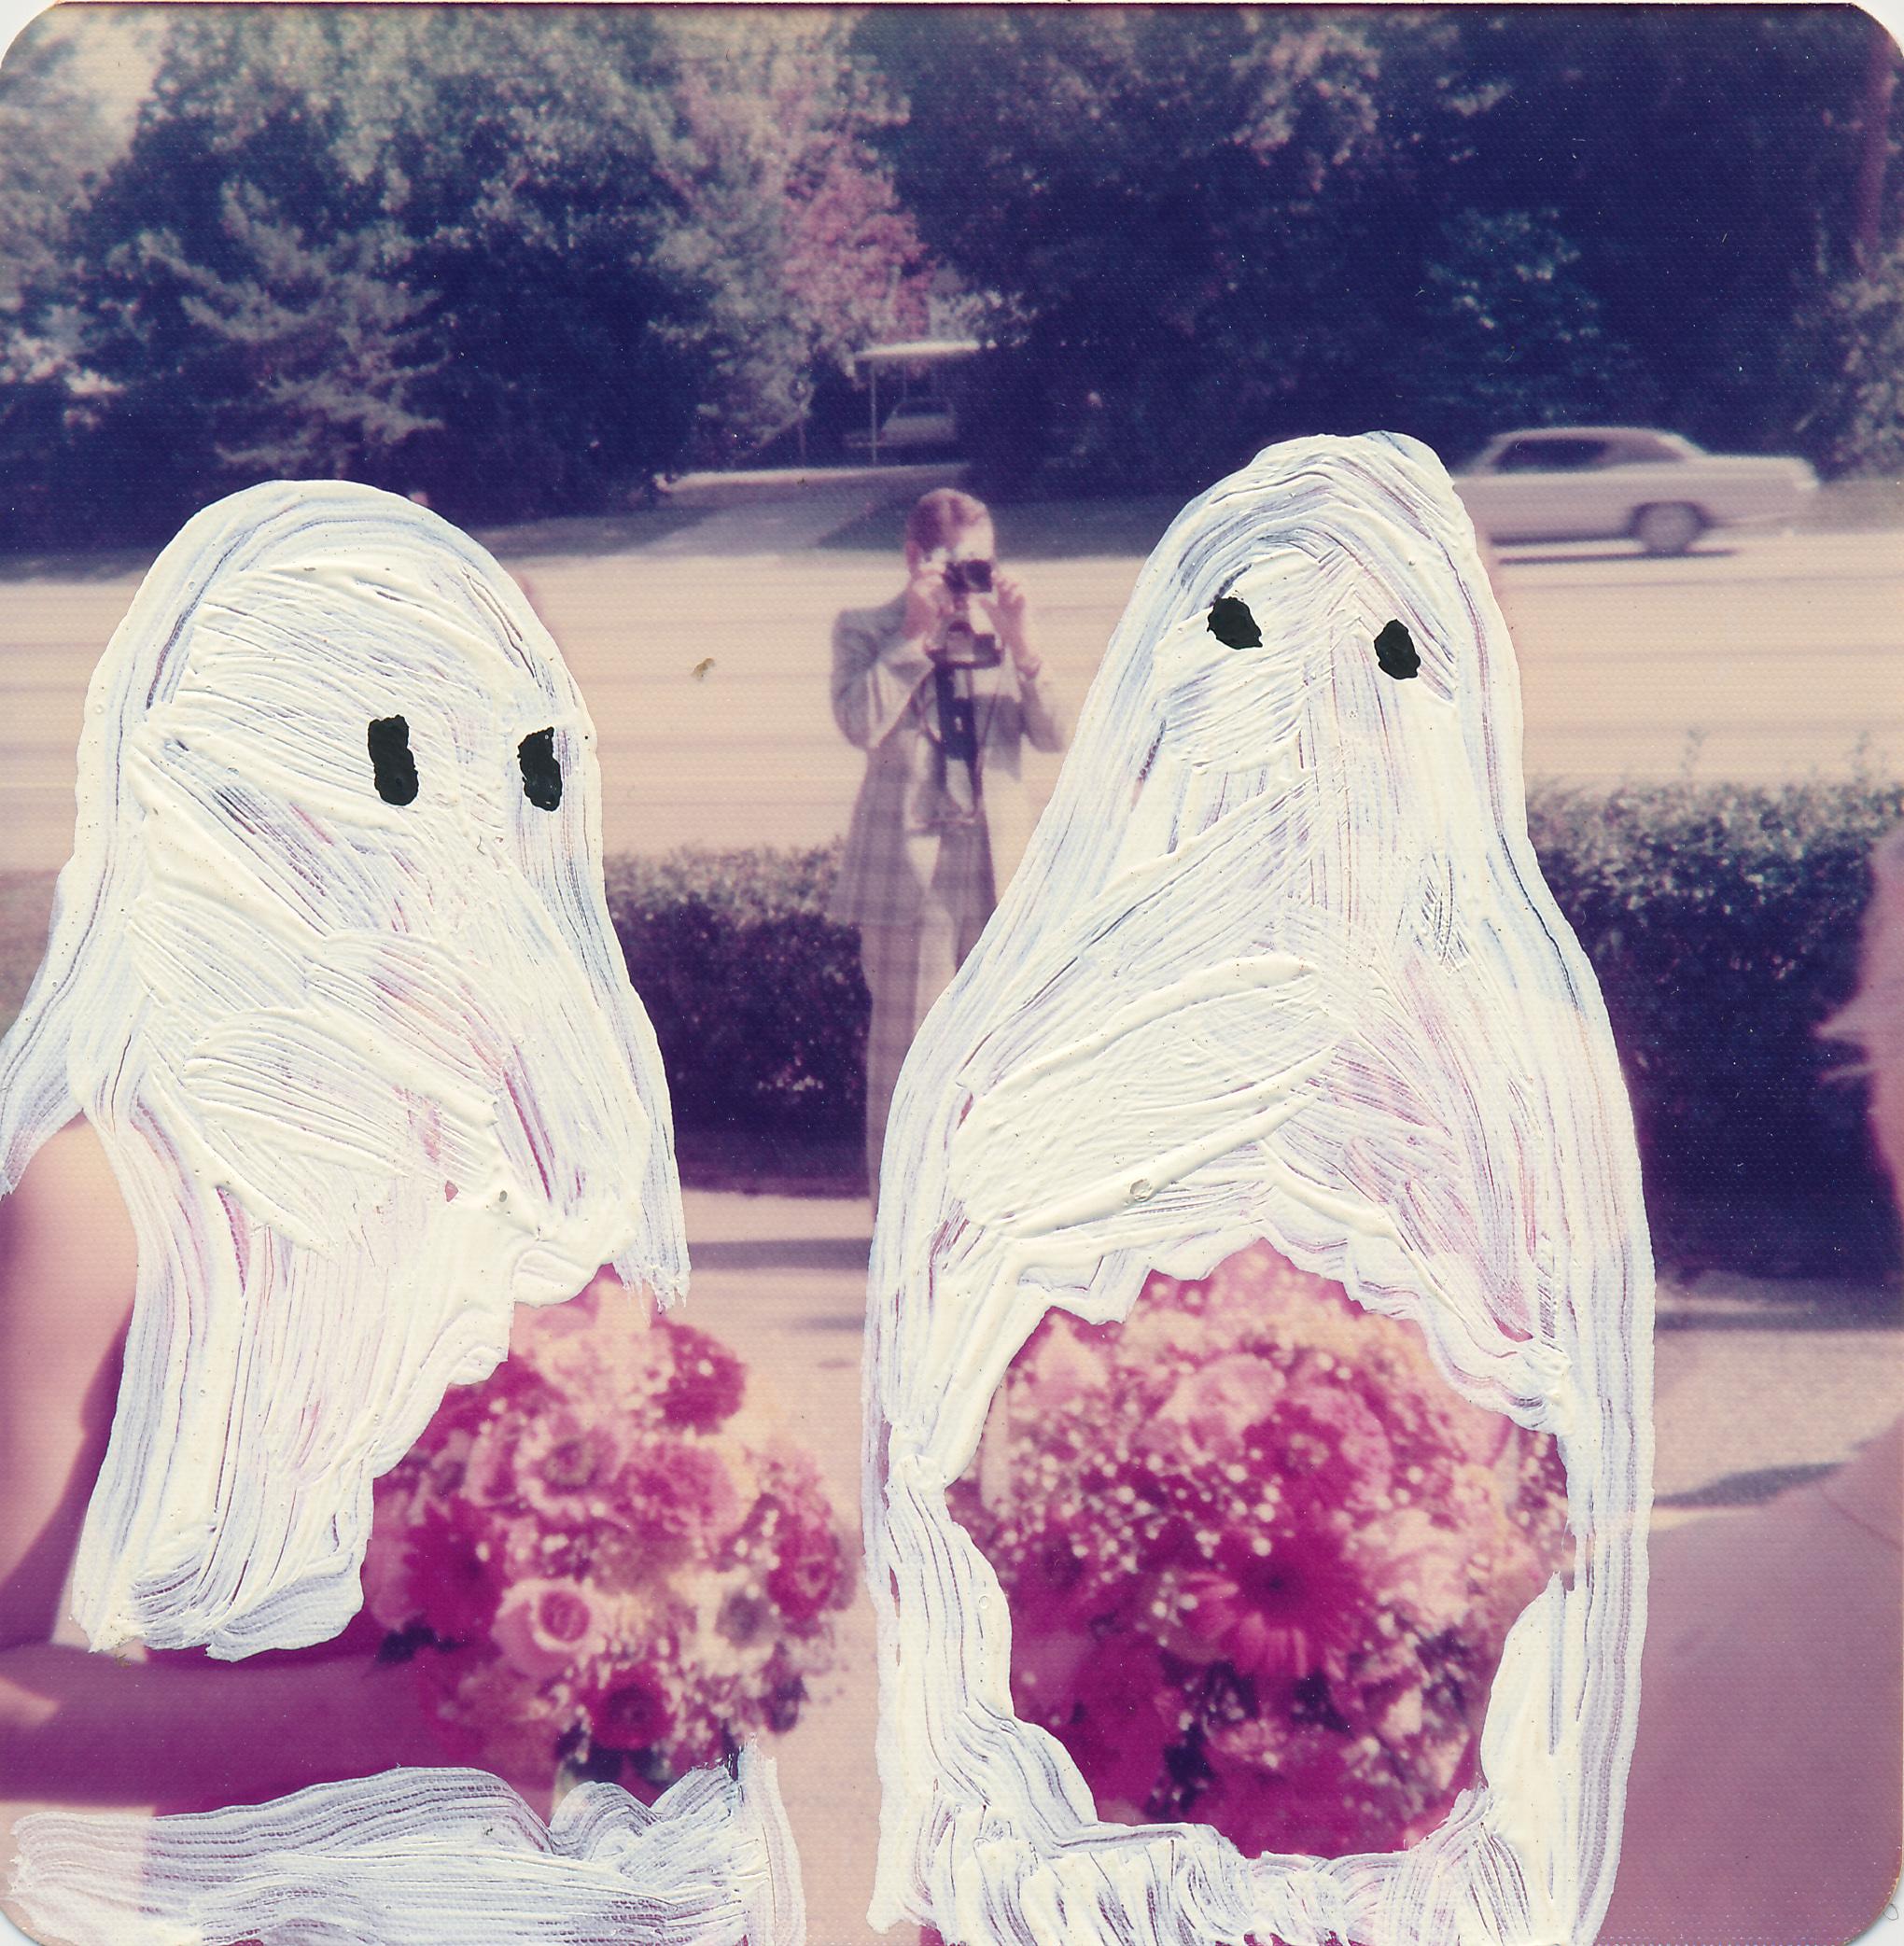 Ghost_2012_032_600.jpg